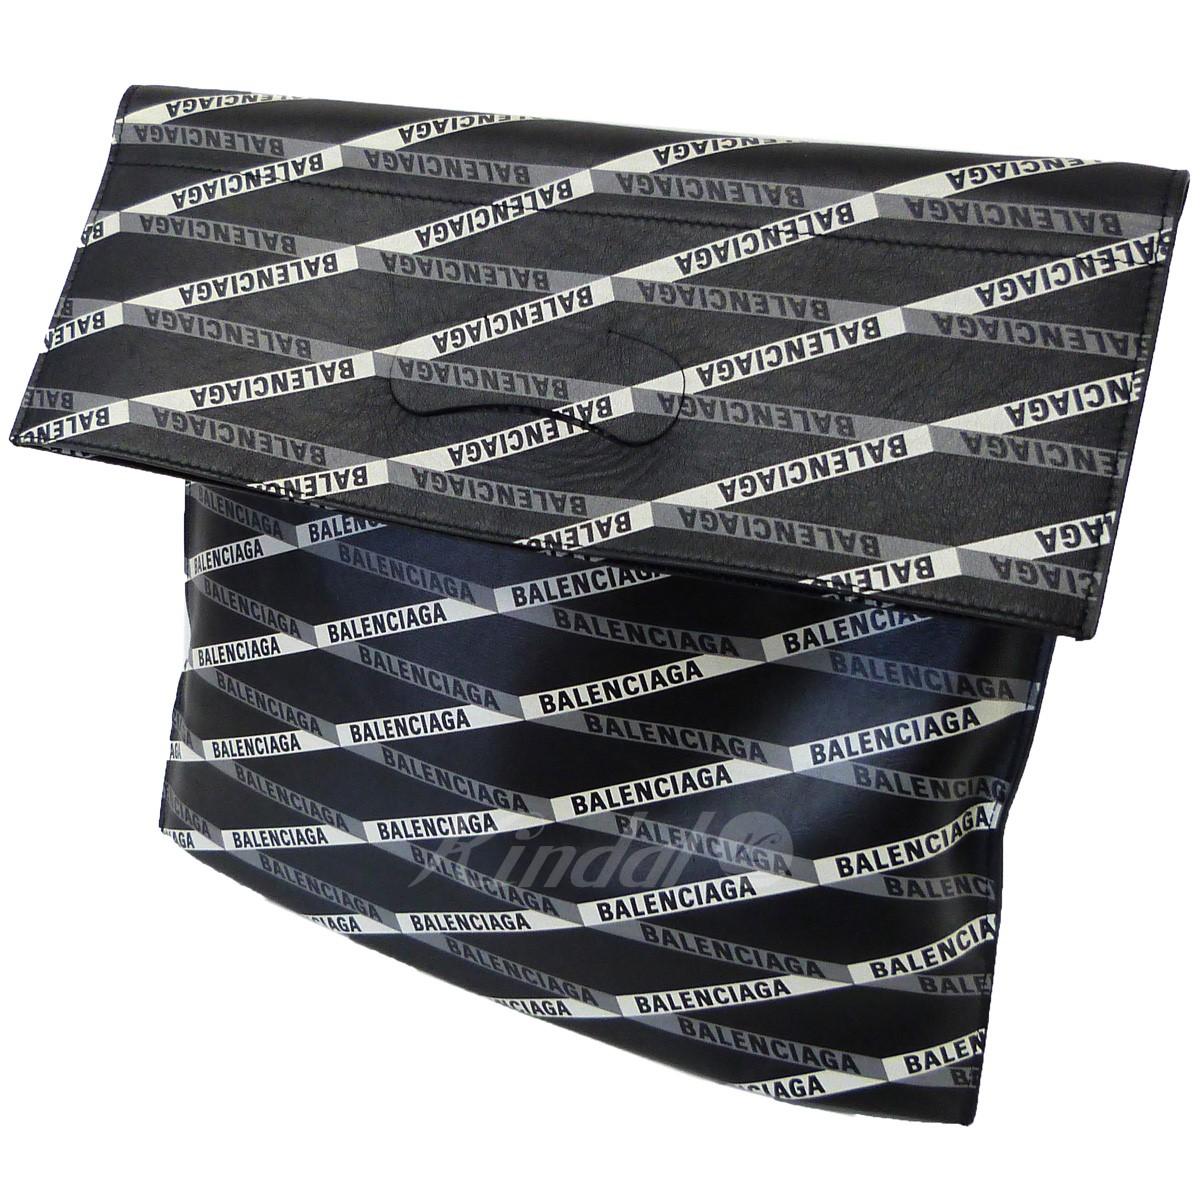 【中古】BALENCIAGA ロゴプラスティックショッパー&クラッチバッグ ブラック 【120519】(バレンシアガ)